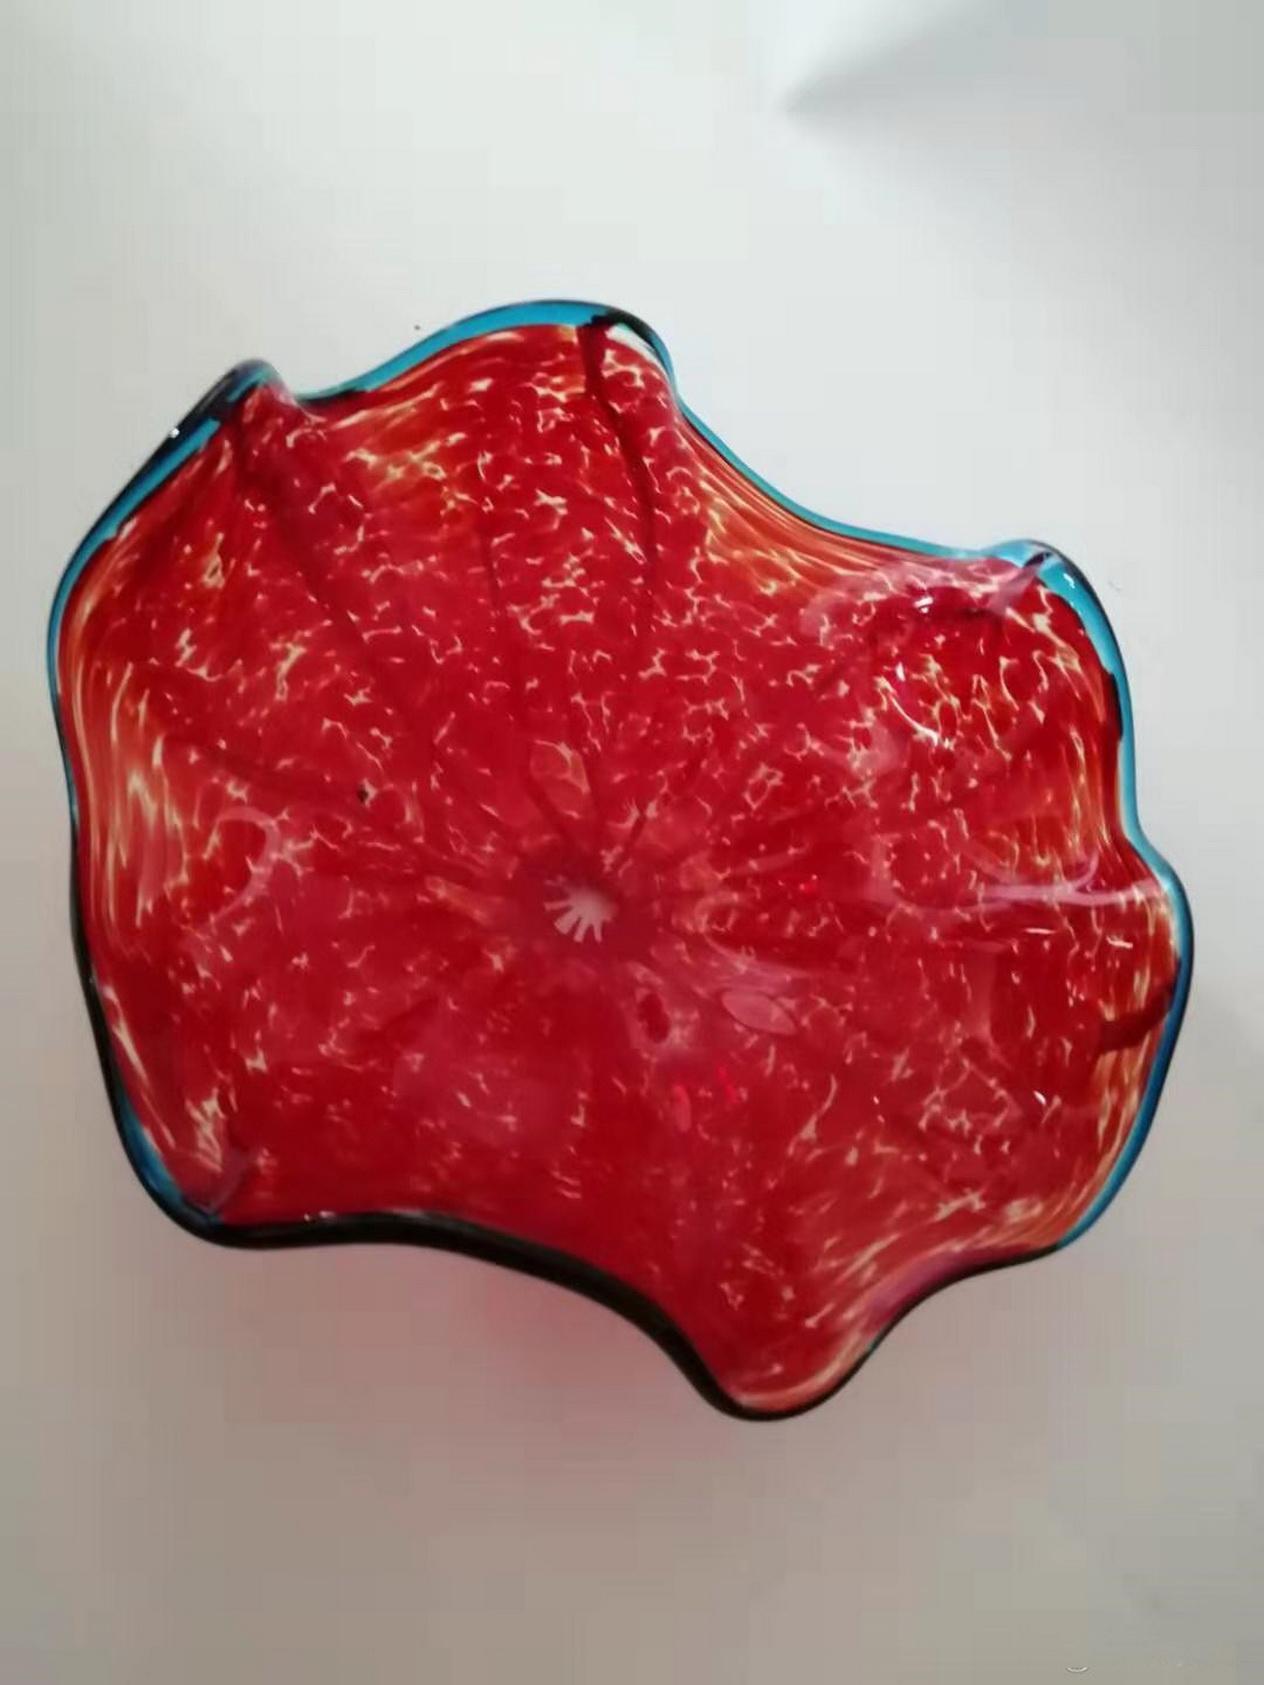 Artísticas brillantes placas rojo de la flor de loto Chihuly estilo 100% soplado Placas de pared de cristal de borosilicato